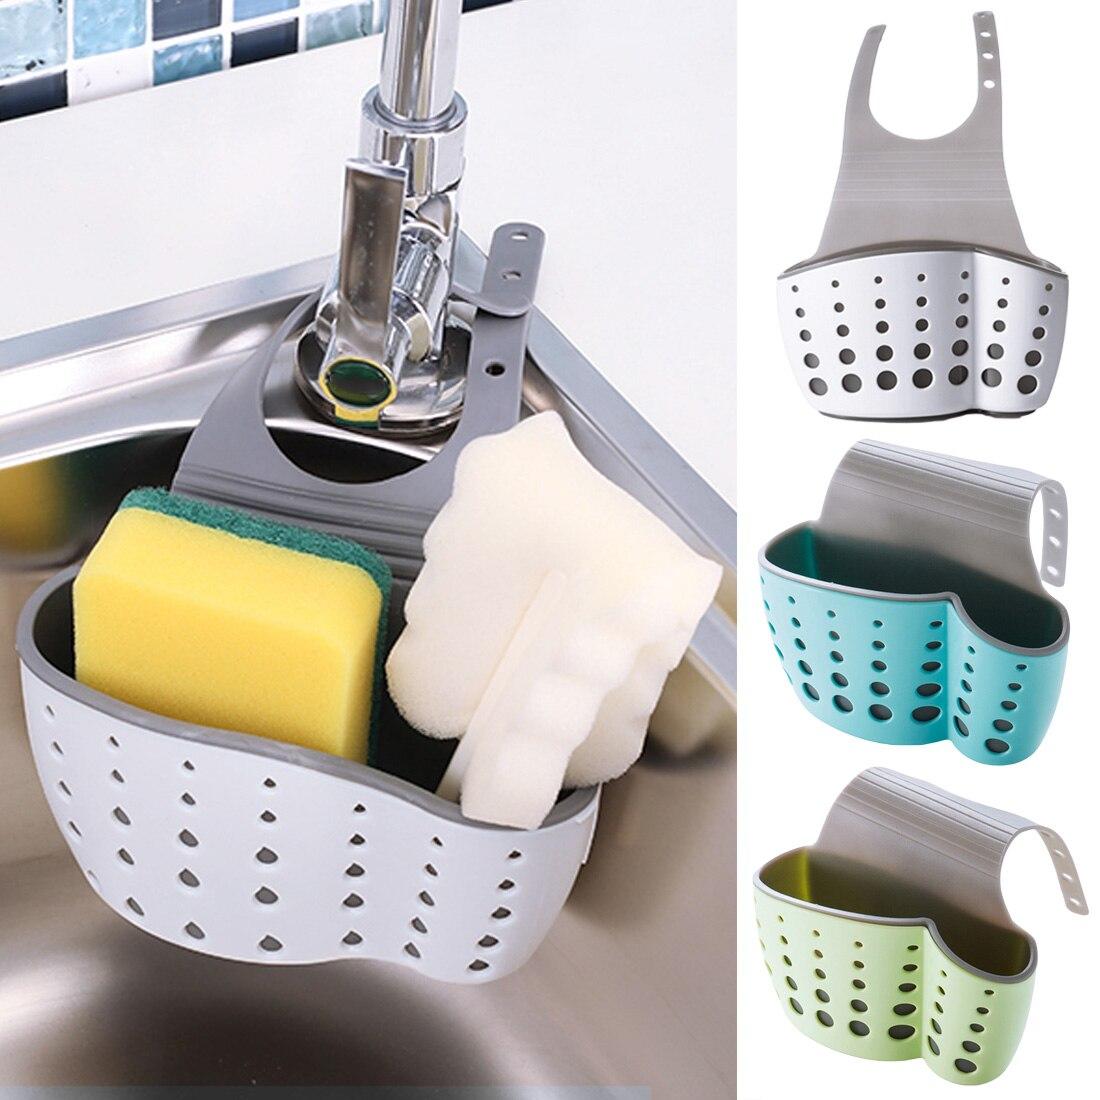 Suction Cup Sink Shelf Soap Sponge Drain Rack Bathroom Sucker Storage Holder Kitchen Storage Organizer Tool Blue Green White